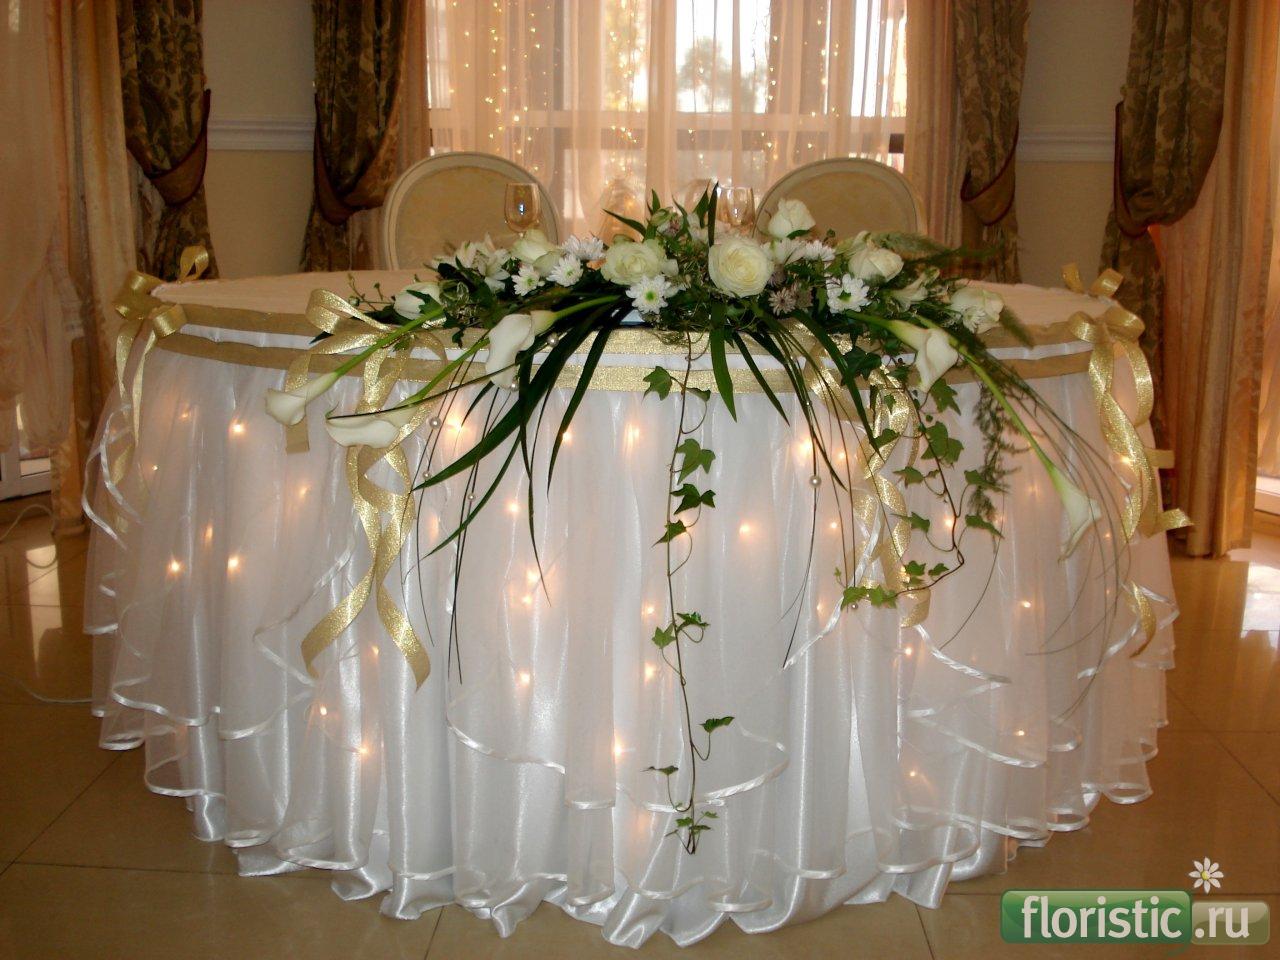 Украшение столов на свадьбу своими руками : фото оформления 82